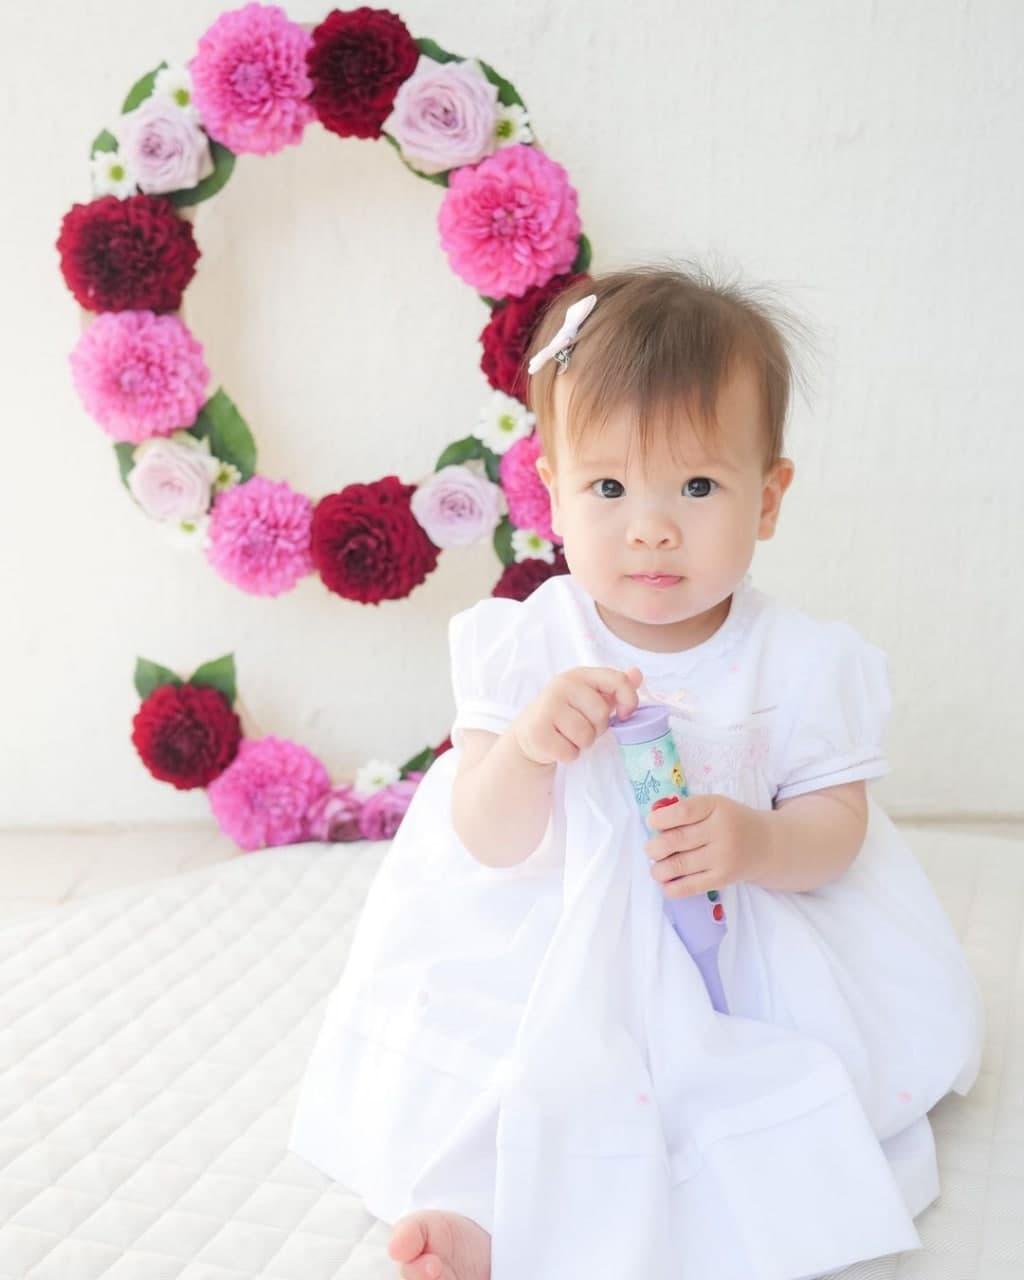 Dahlia Amélie at nine months